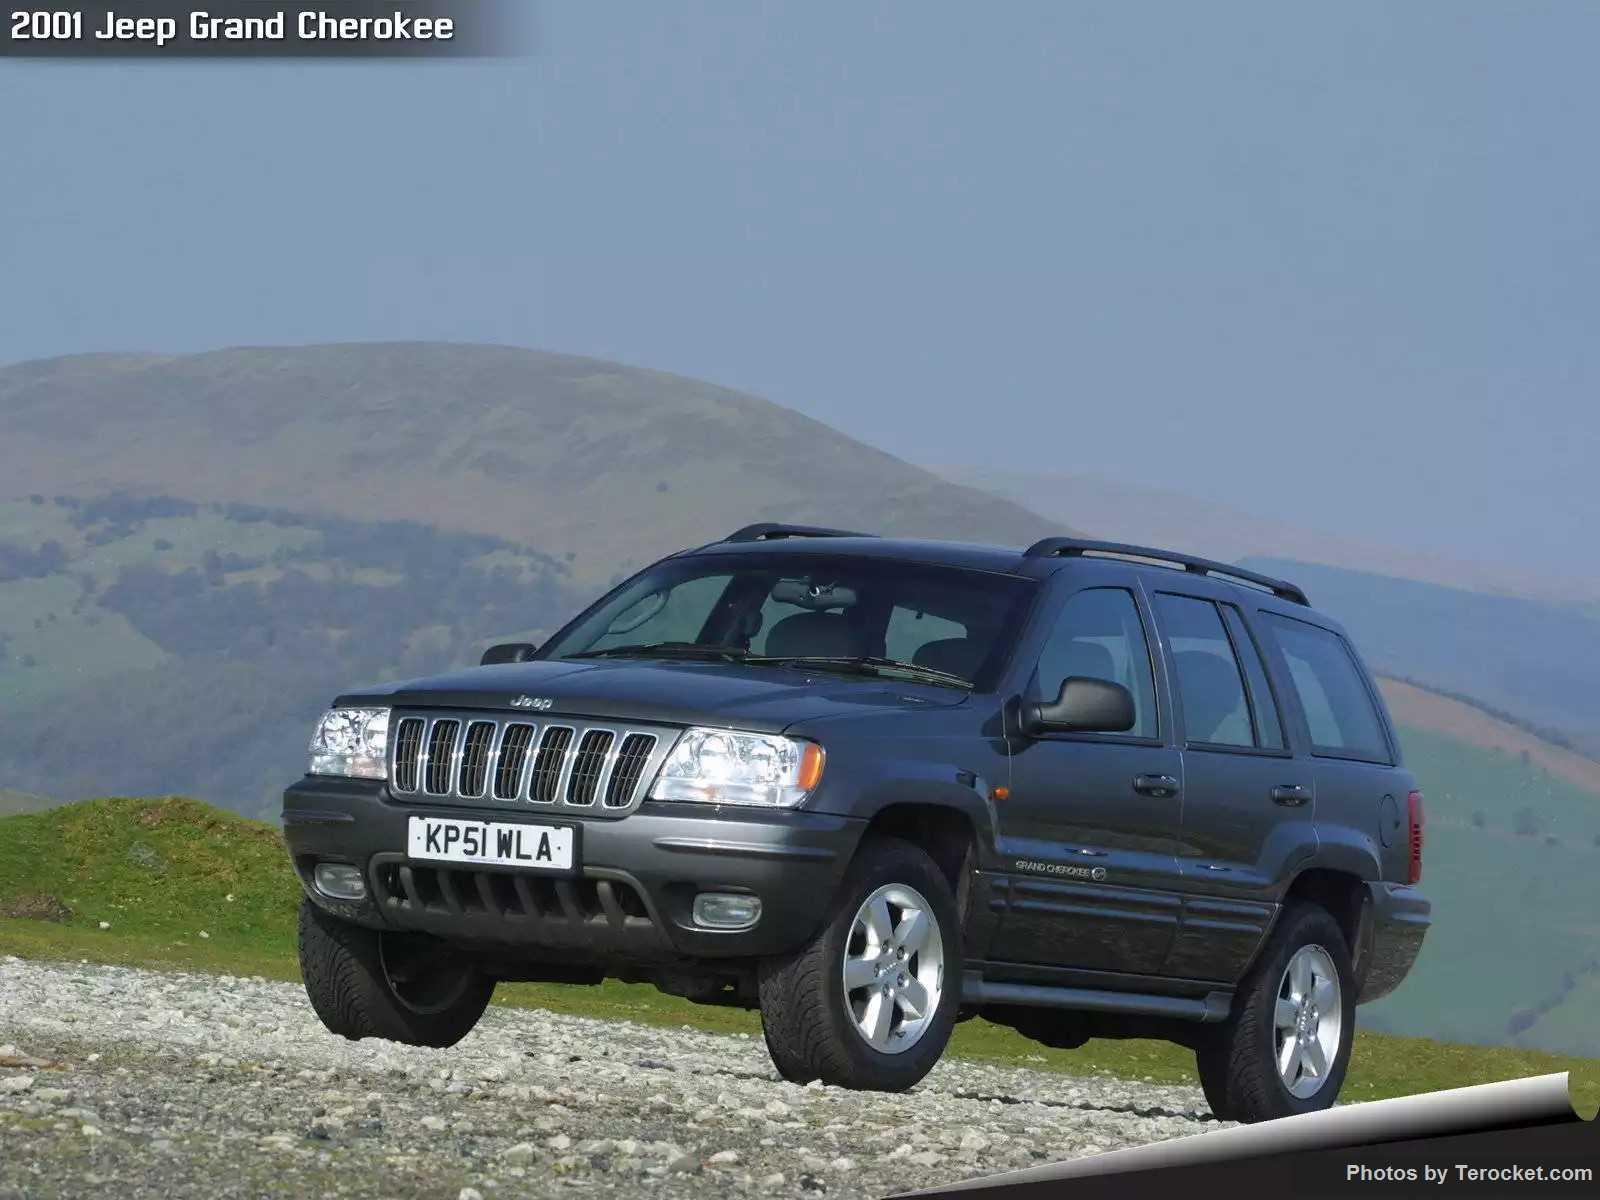 Hình ảnh xe ô tô Jeep Grand Cherokee UK Version 2001 & nội ngoại thất